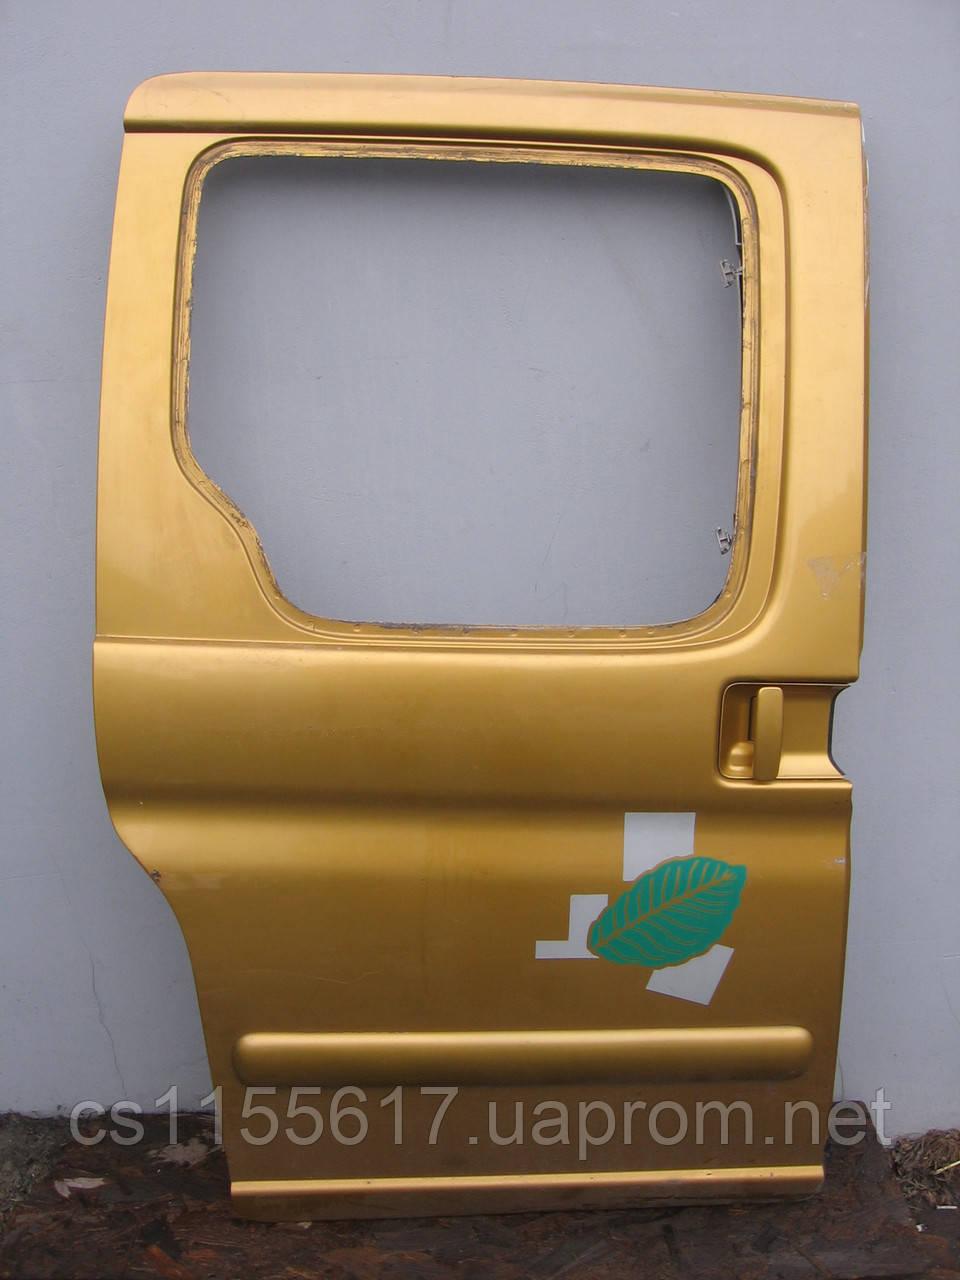 Двері бічна зсувні права б/у на Citroen Berlingo, Pegeot Partner рік 1995-2004 (гола)